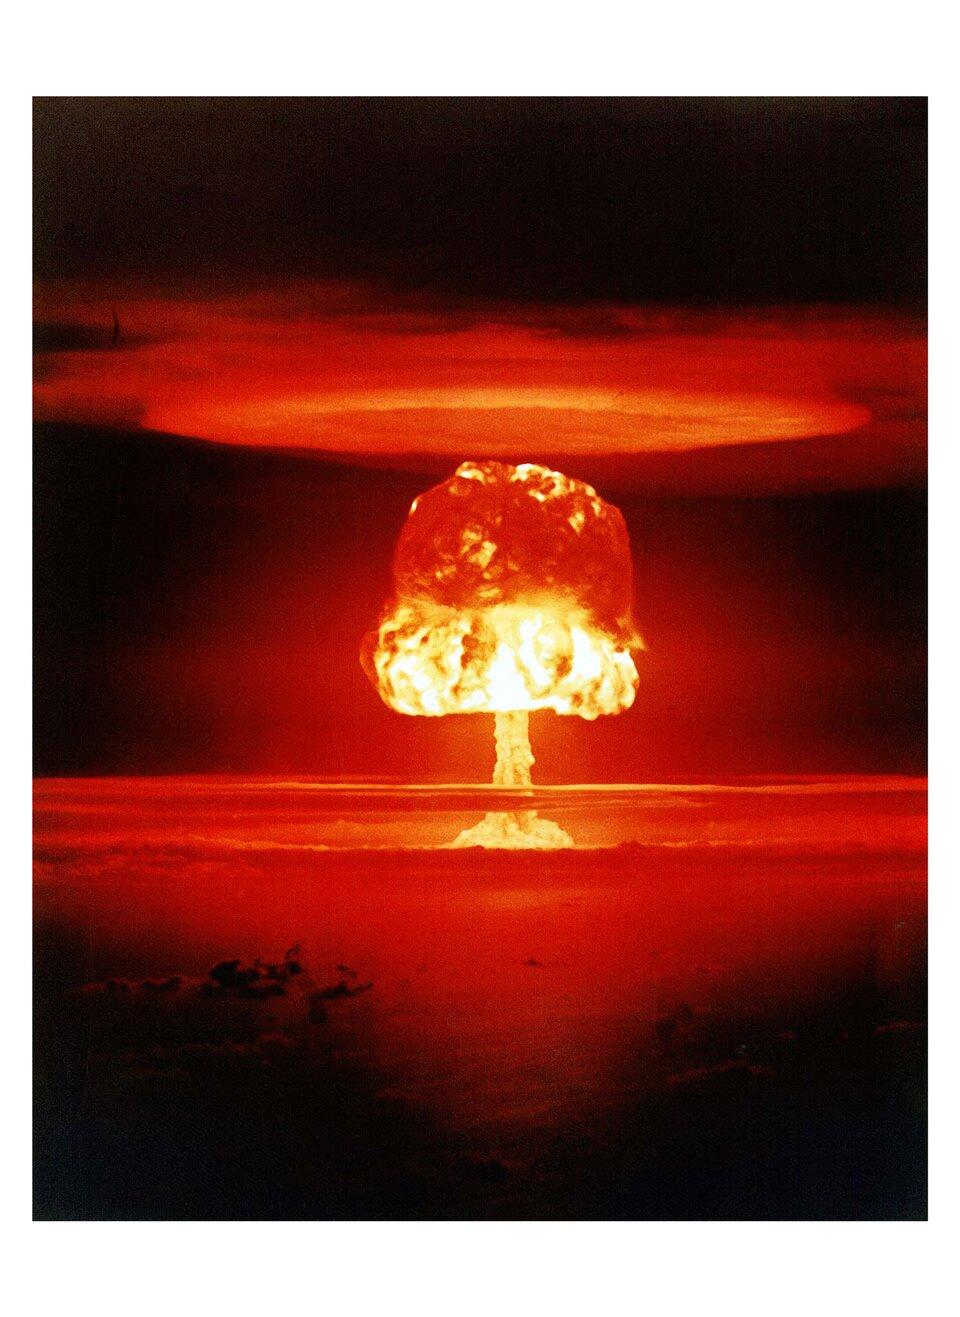 """Kolorowe zdjęcie 5: Castle Romeo. Zdjęcie przedstawia grzyb atomowy nad powierzchnią wody. Nad samą powierzchnią długa noga grzyba atomowego, powyżej kopuła grzyba. Grzyb to gęste kłęby chmur. Dolna część kopuły rozświetlona na pomarańczowo. Górna część kopuły jest czerwona. Nad grzybem ułożone są płasko chmury, które tworzą pierścień. Taki kształt określa się """"chmurą kalafiora""""."""